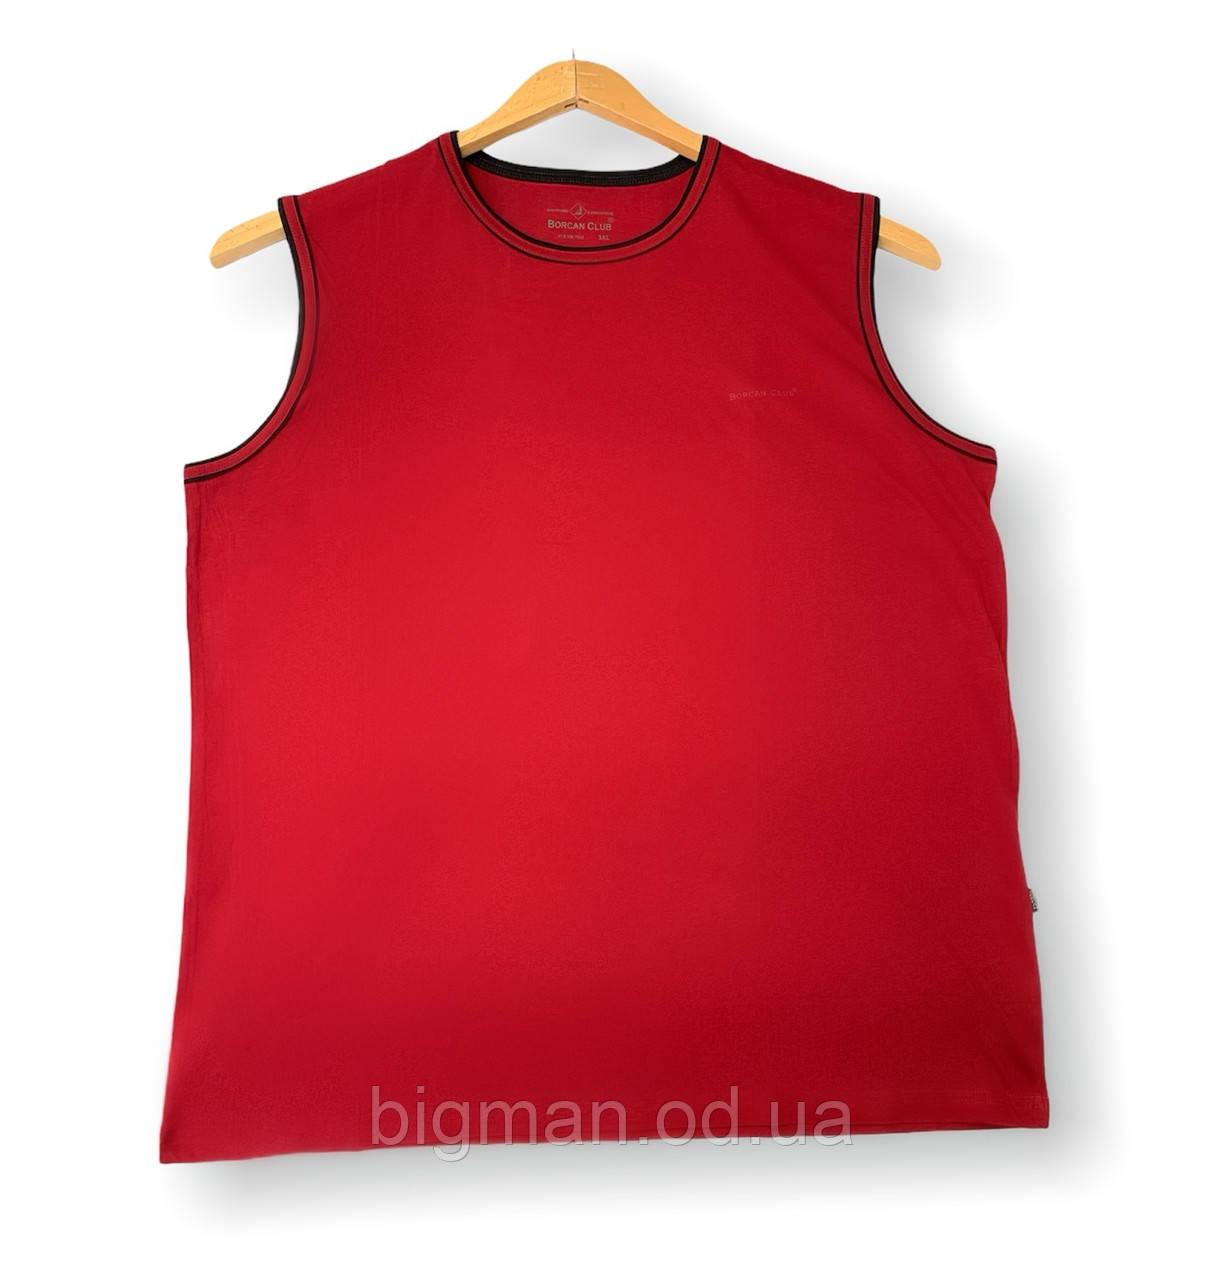 Чоловіча майка темно-червона однотонна батал (великі розміри 3XL 5XL 6XL) Borcan Club виробництво: Туреччина